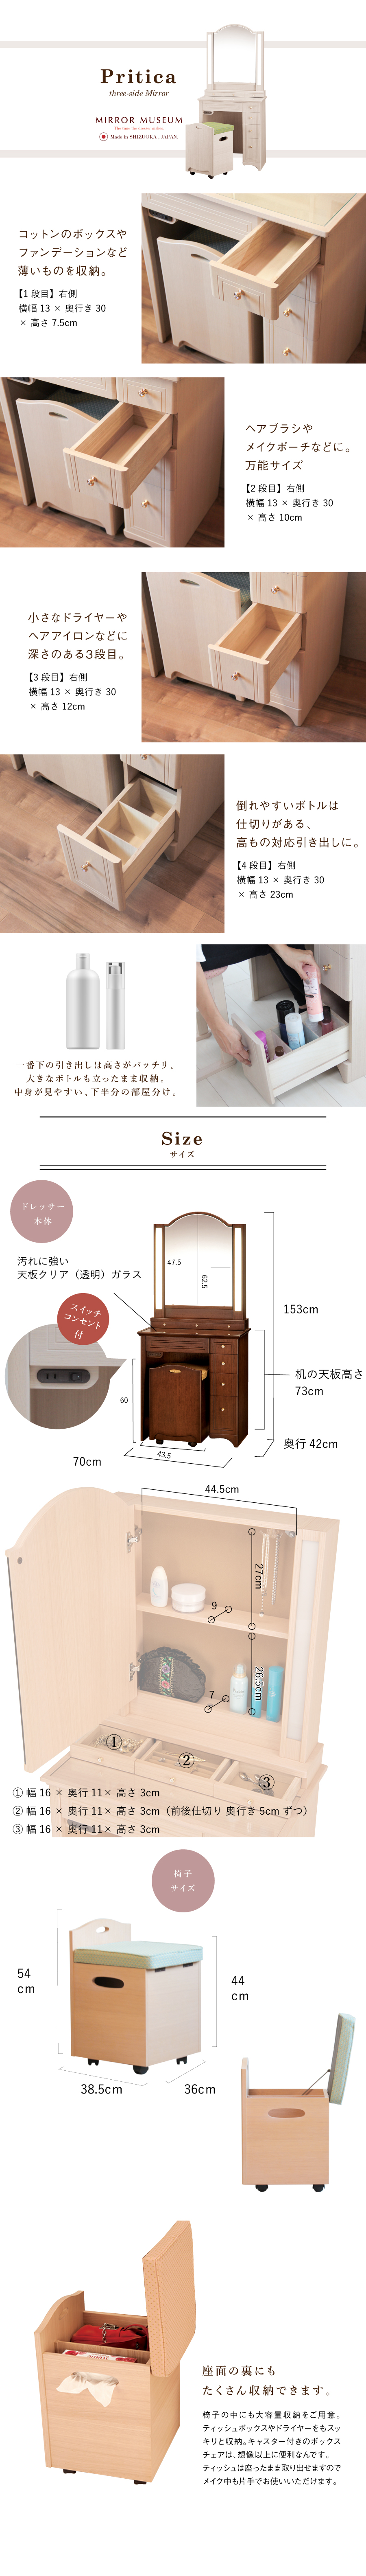 国産ドレッサー プリティカ/一面鏡 【ドレッサー専門店】ミラーミュージアム